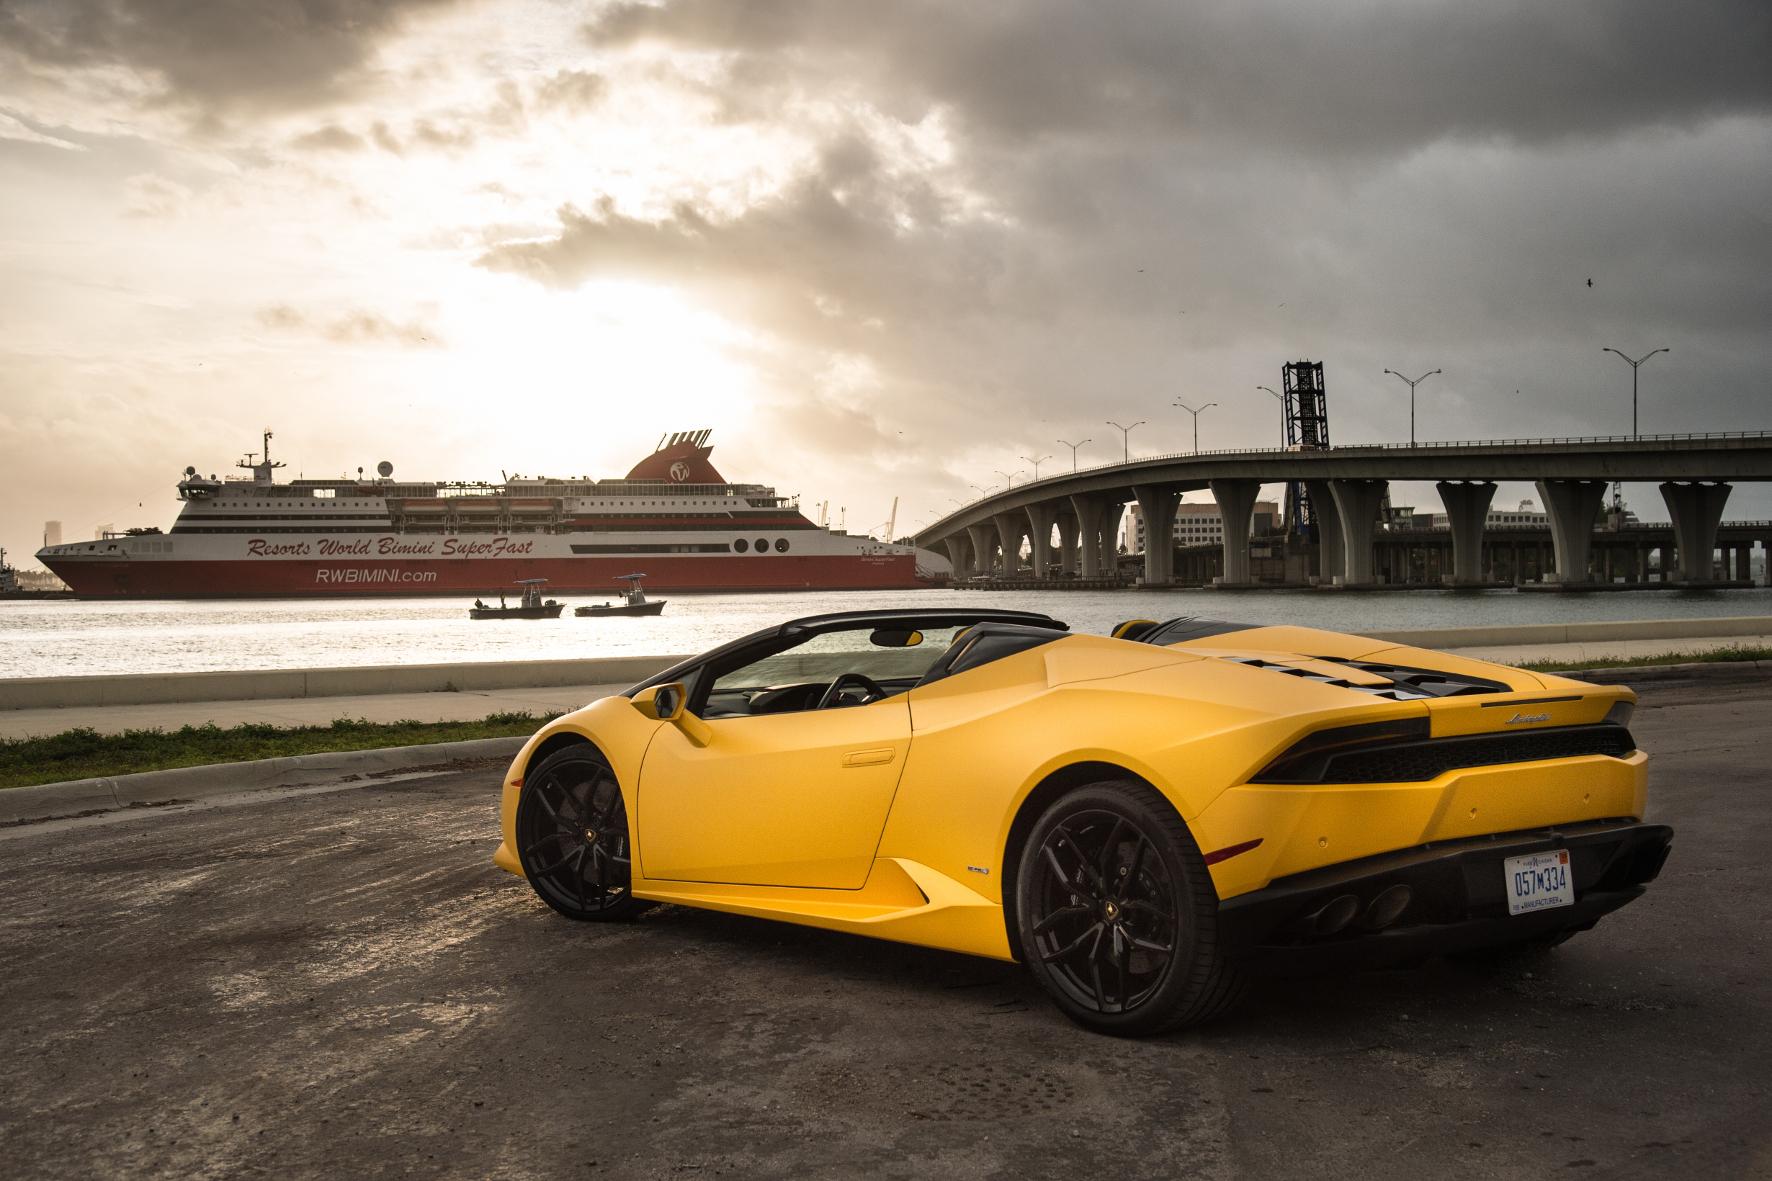 Der Fahrer richtet den Blick im Lamborghini Huracan Spyder besser nach vorne als gen Heckscheibe. Dann ist der Ausblick deutlich produktiver.